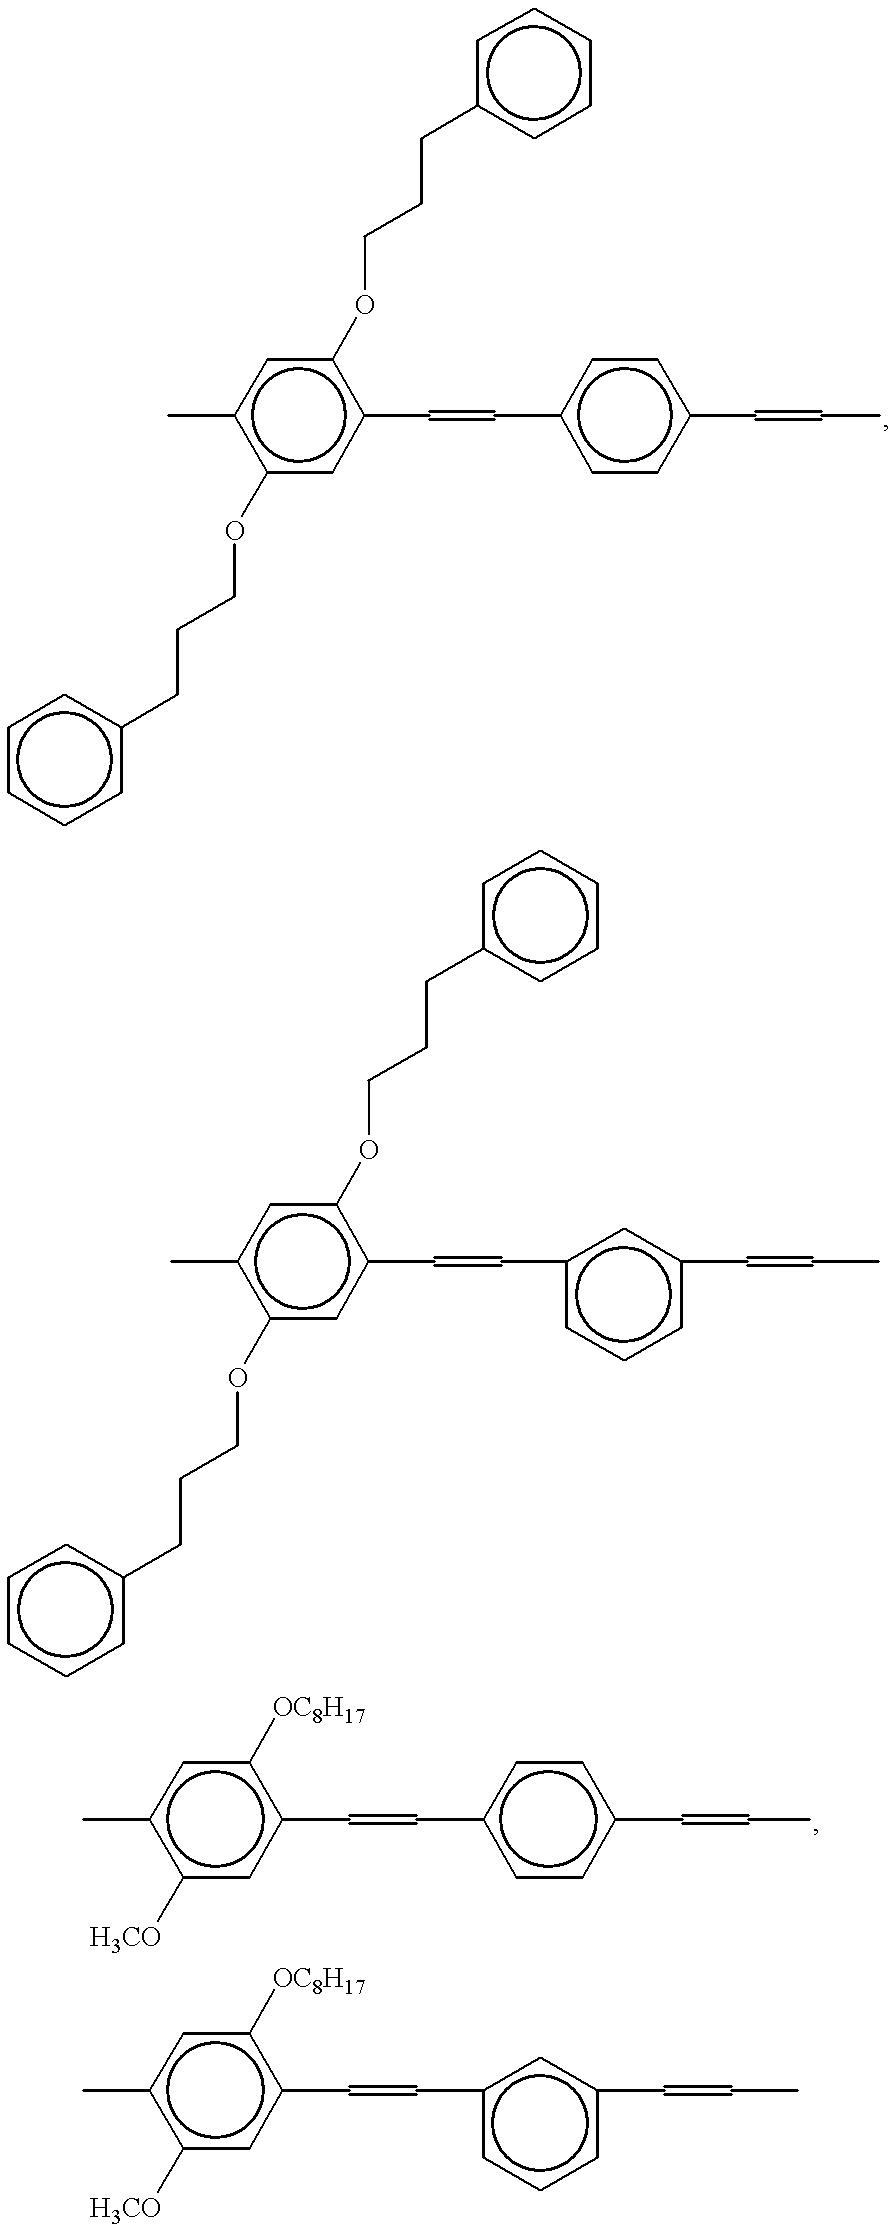 Figure US06207301-20010327-C00016